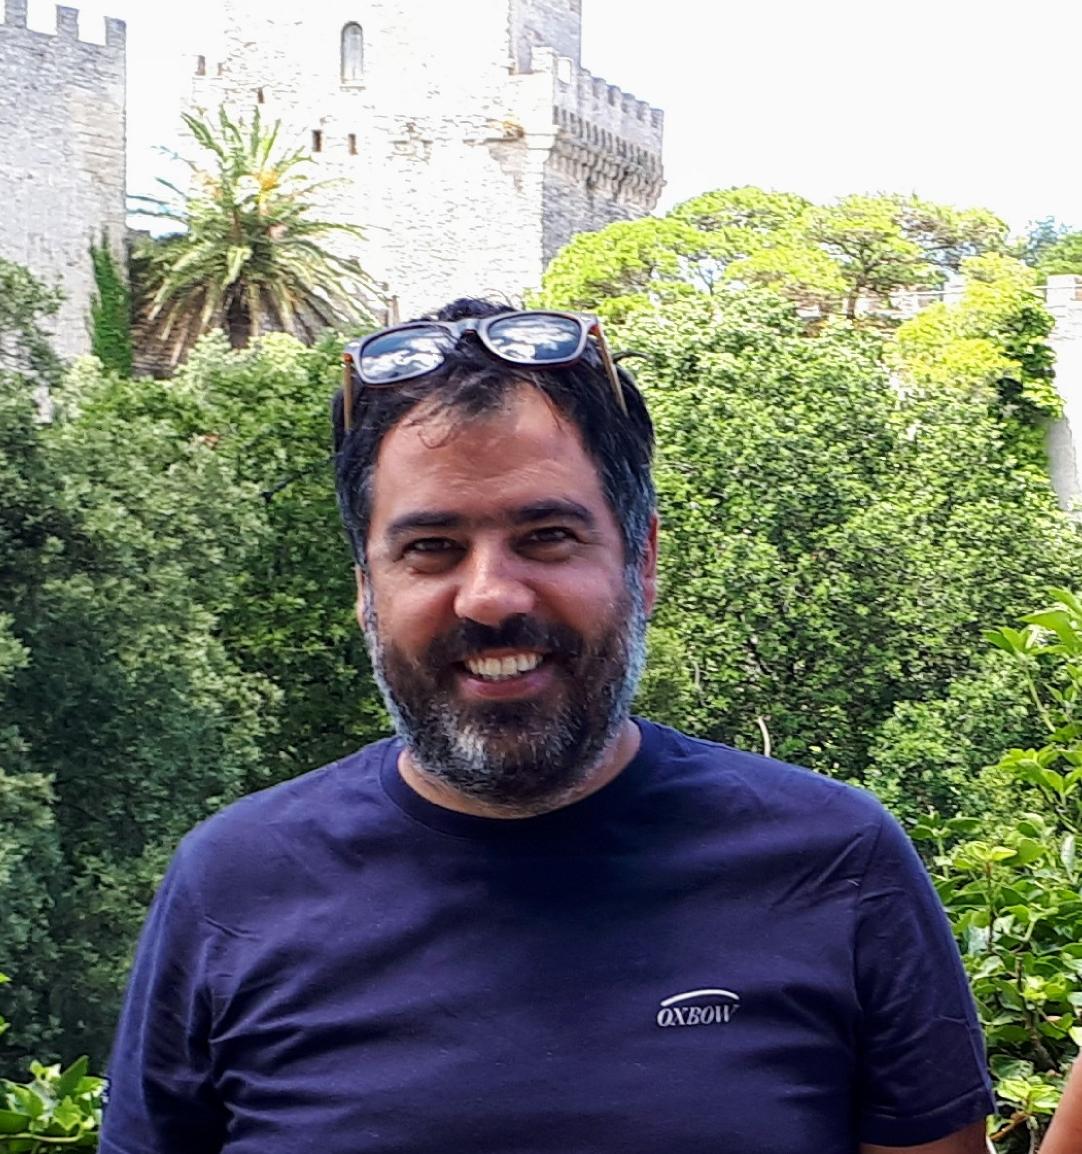 Yohan Hervé